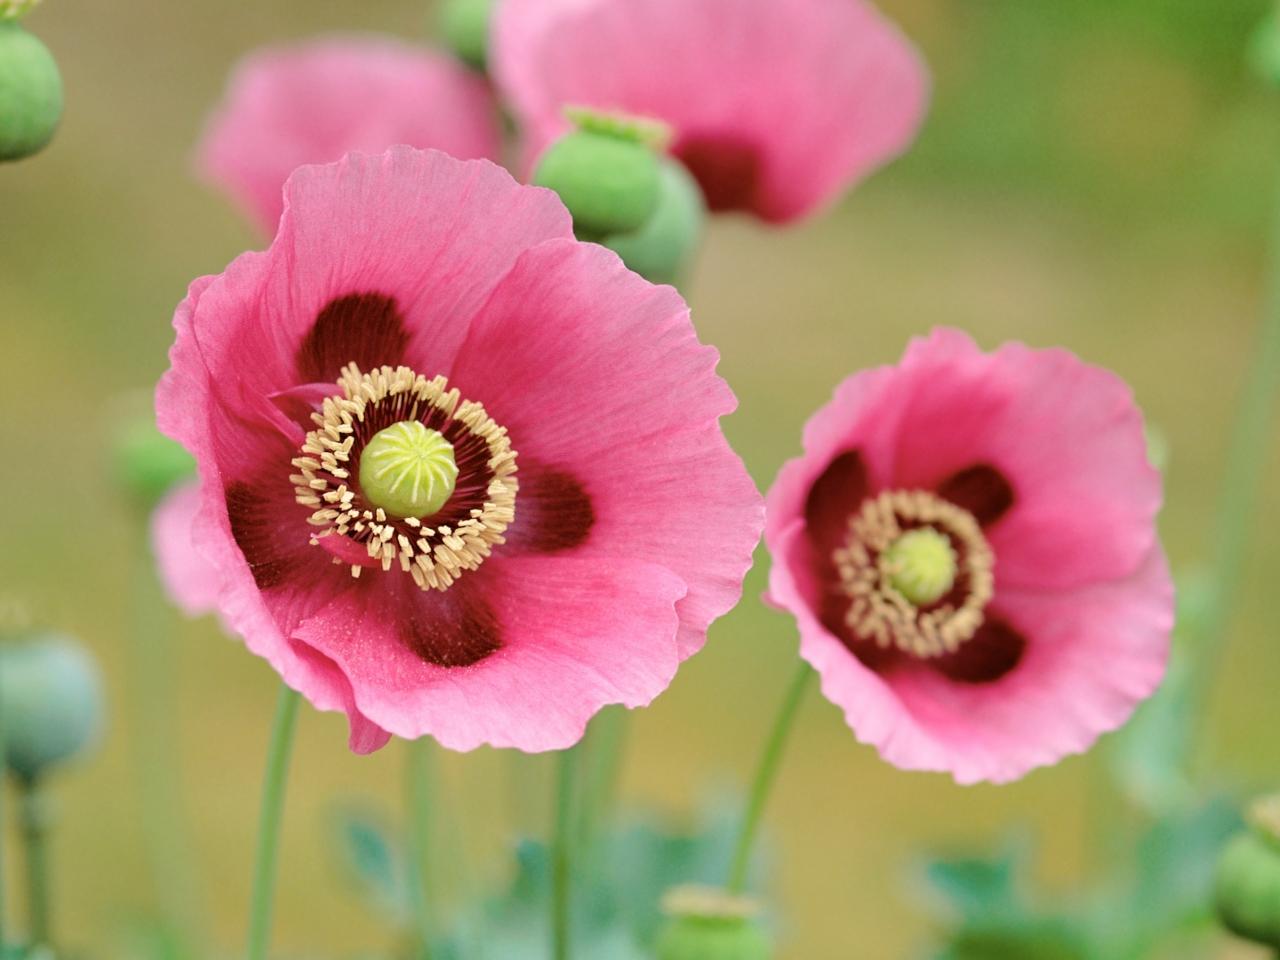 Flores en macro - 1280x960